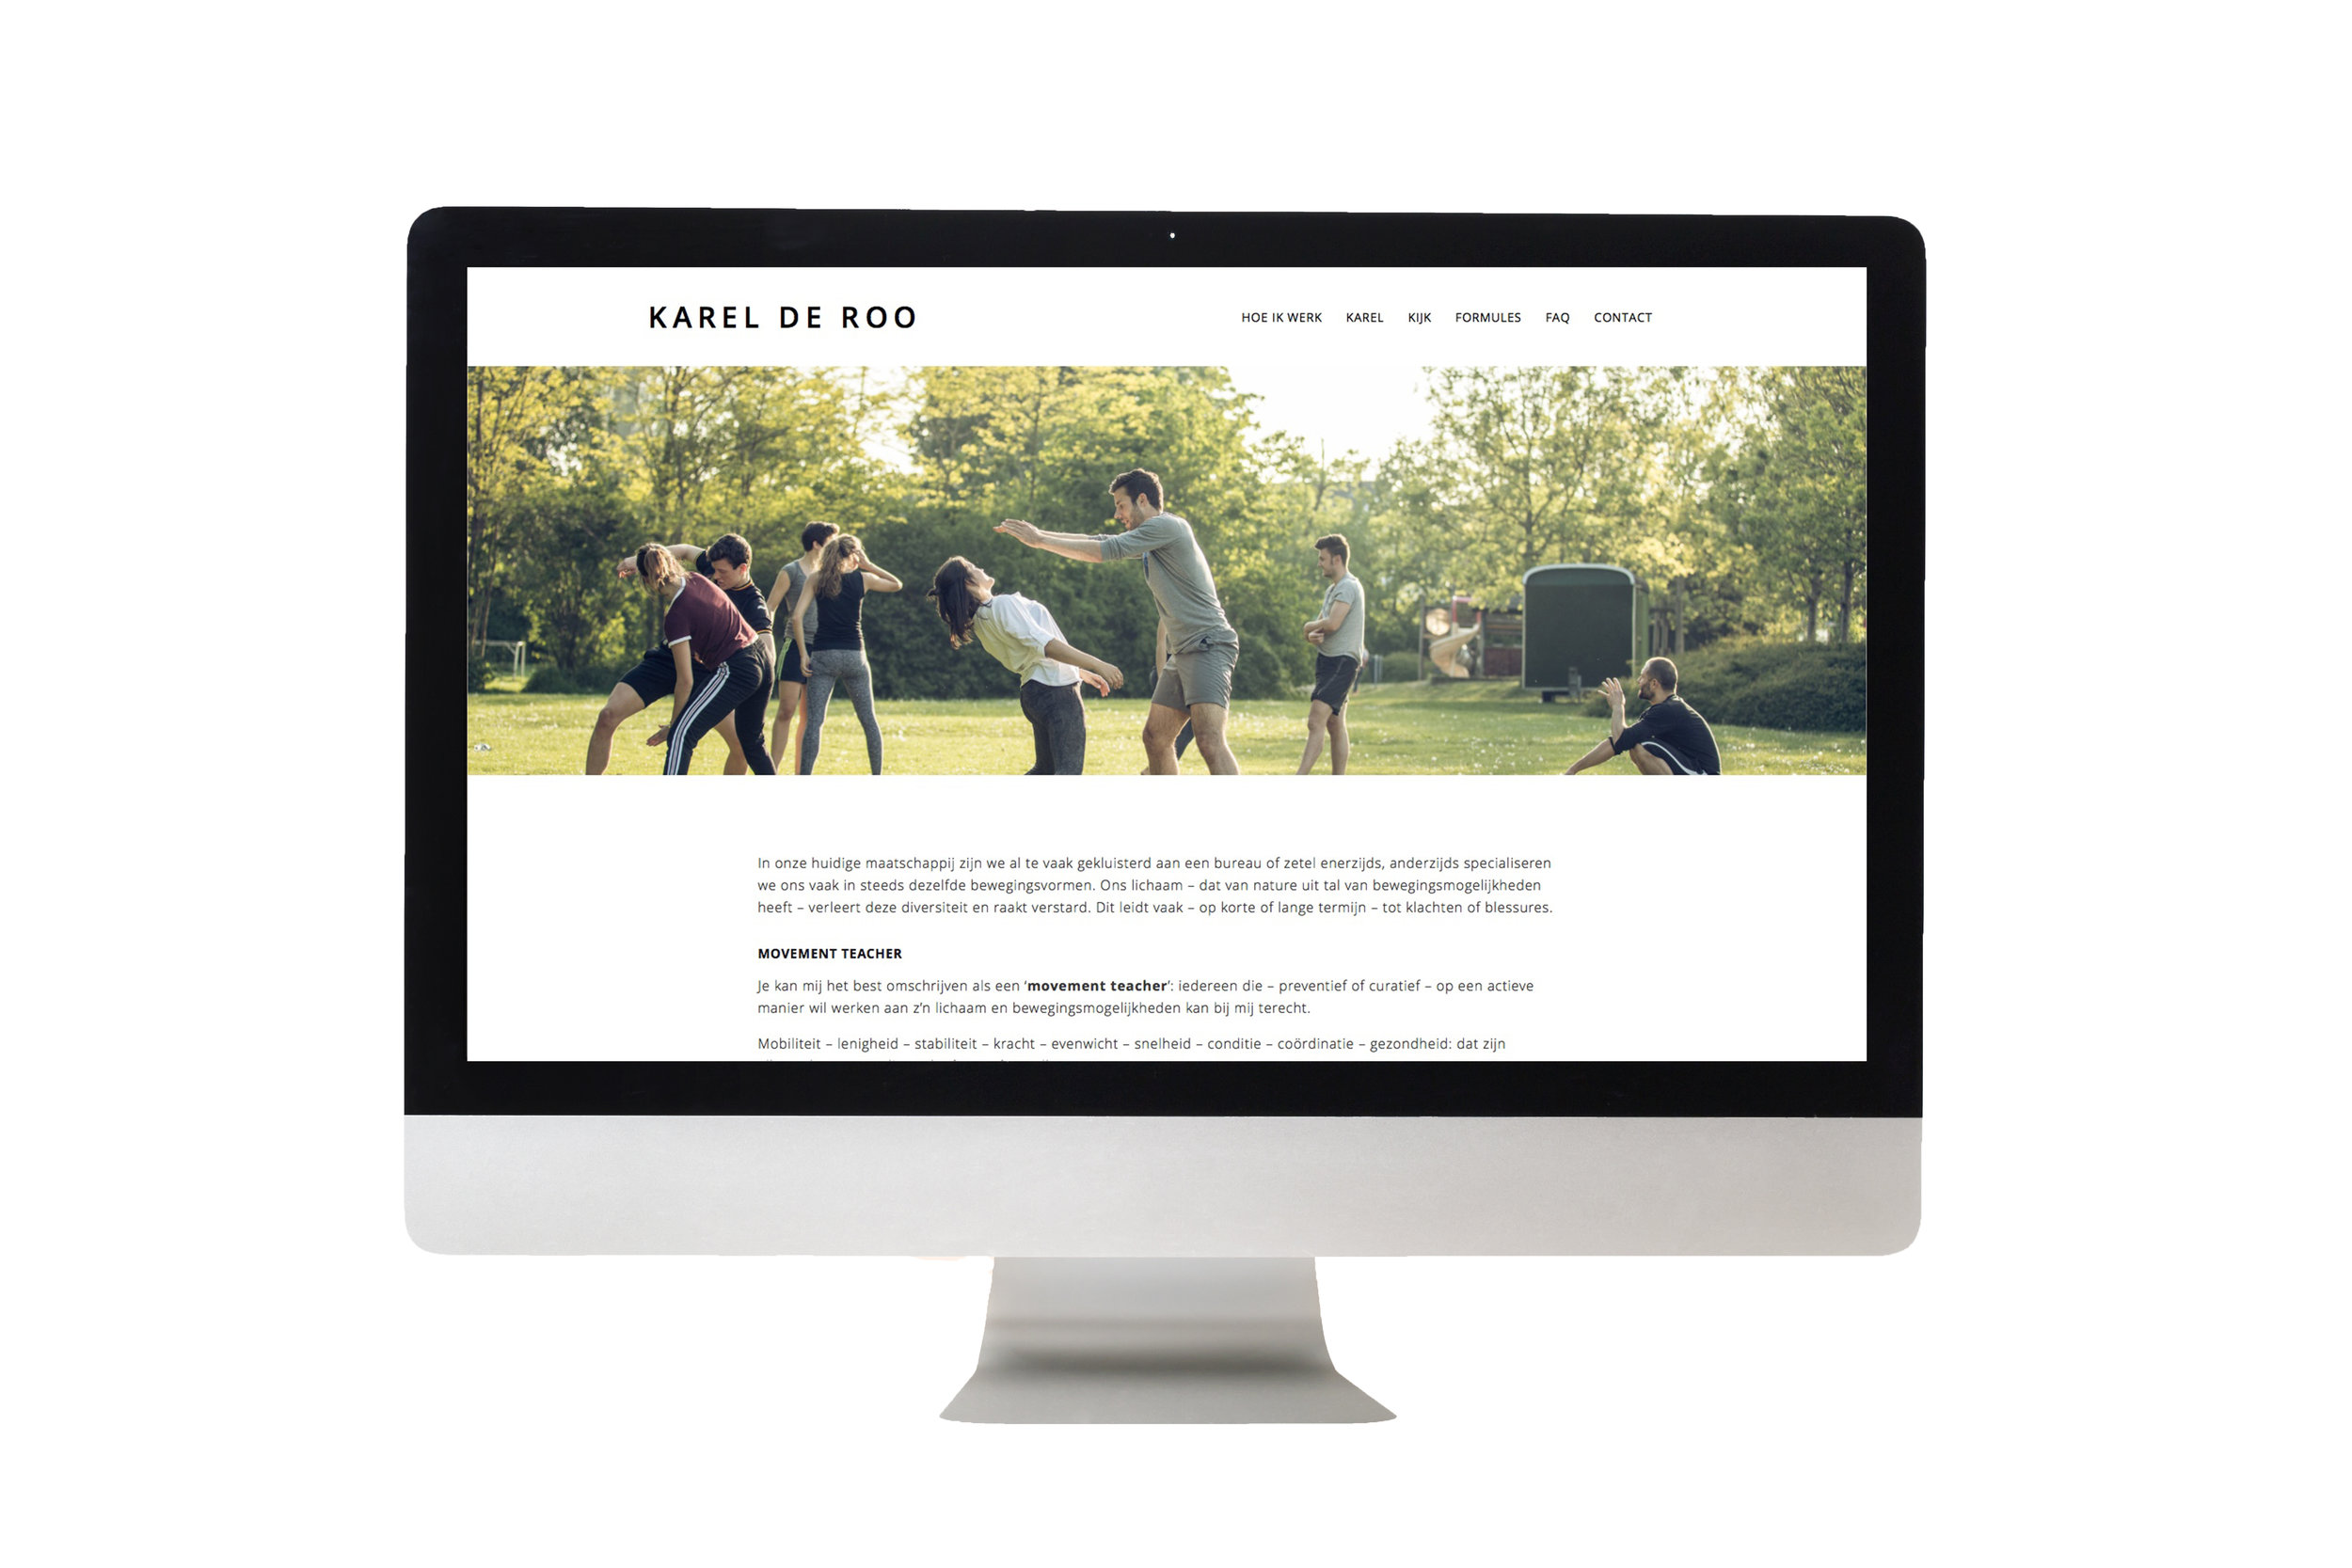 mockup website karel door melanie velghe illyvanilly.jpg